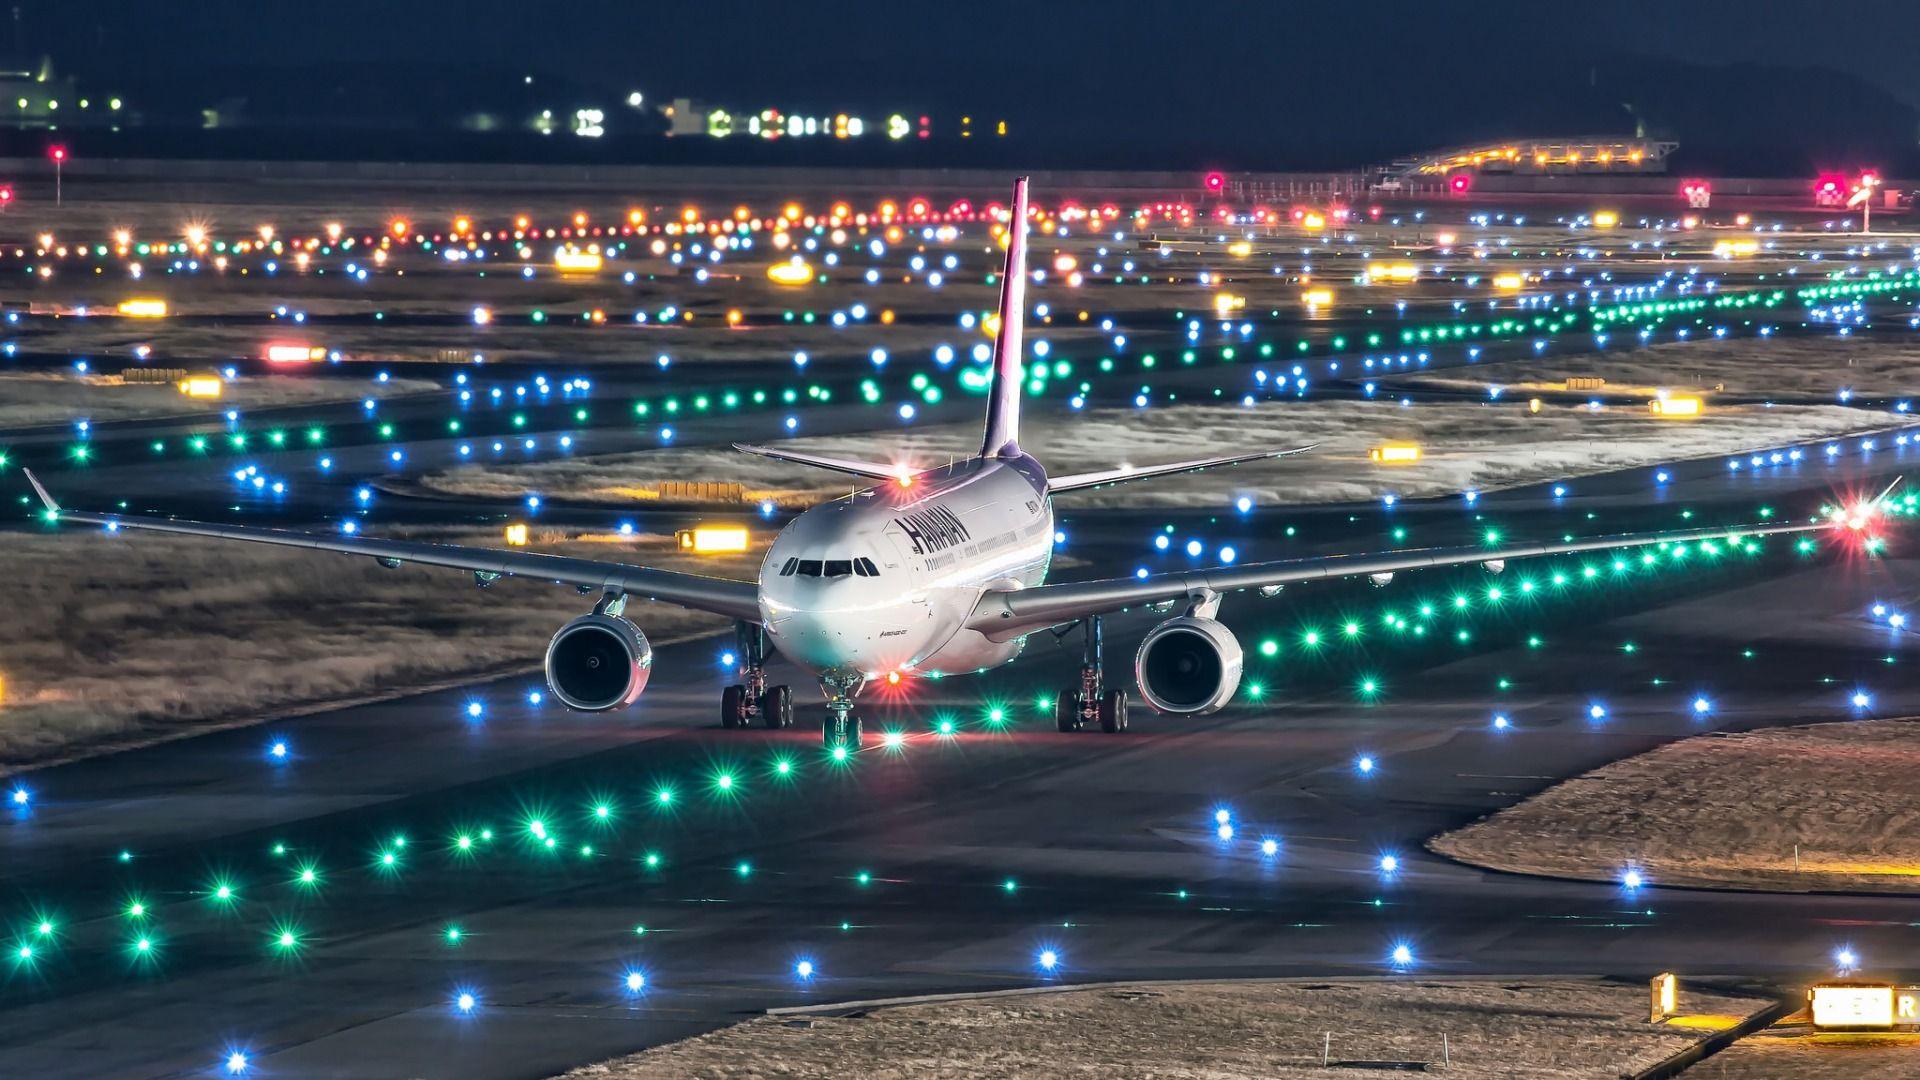 общем факт картинки самолет ночь приспособления для хранения